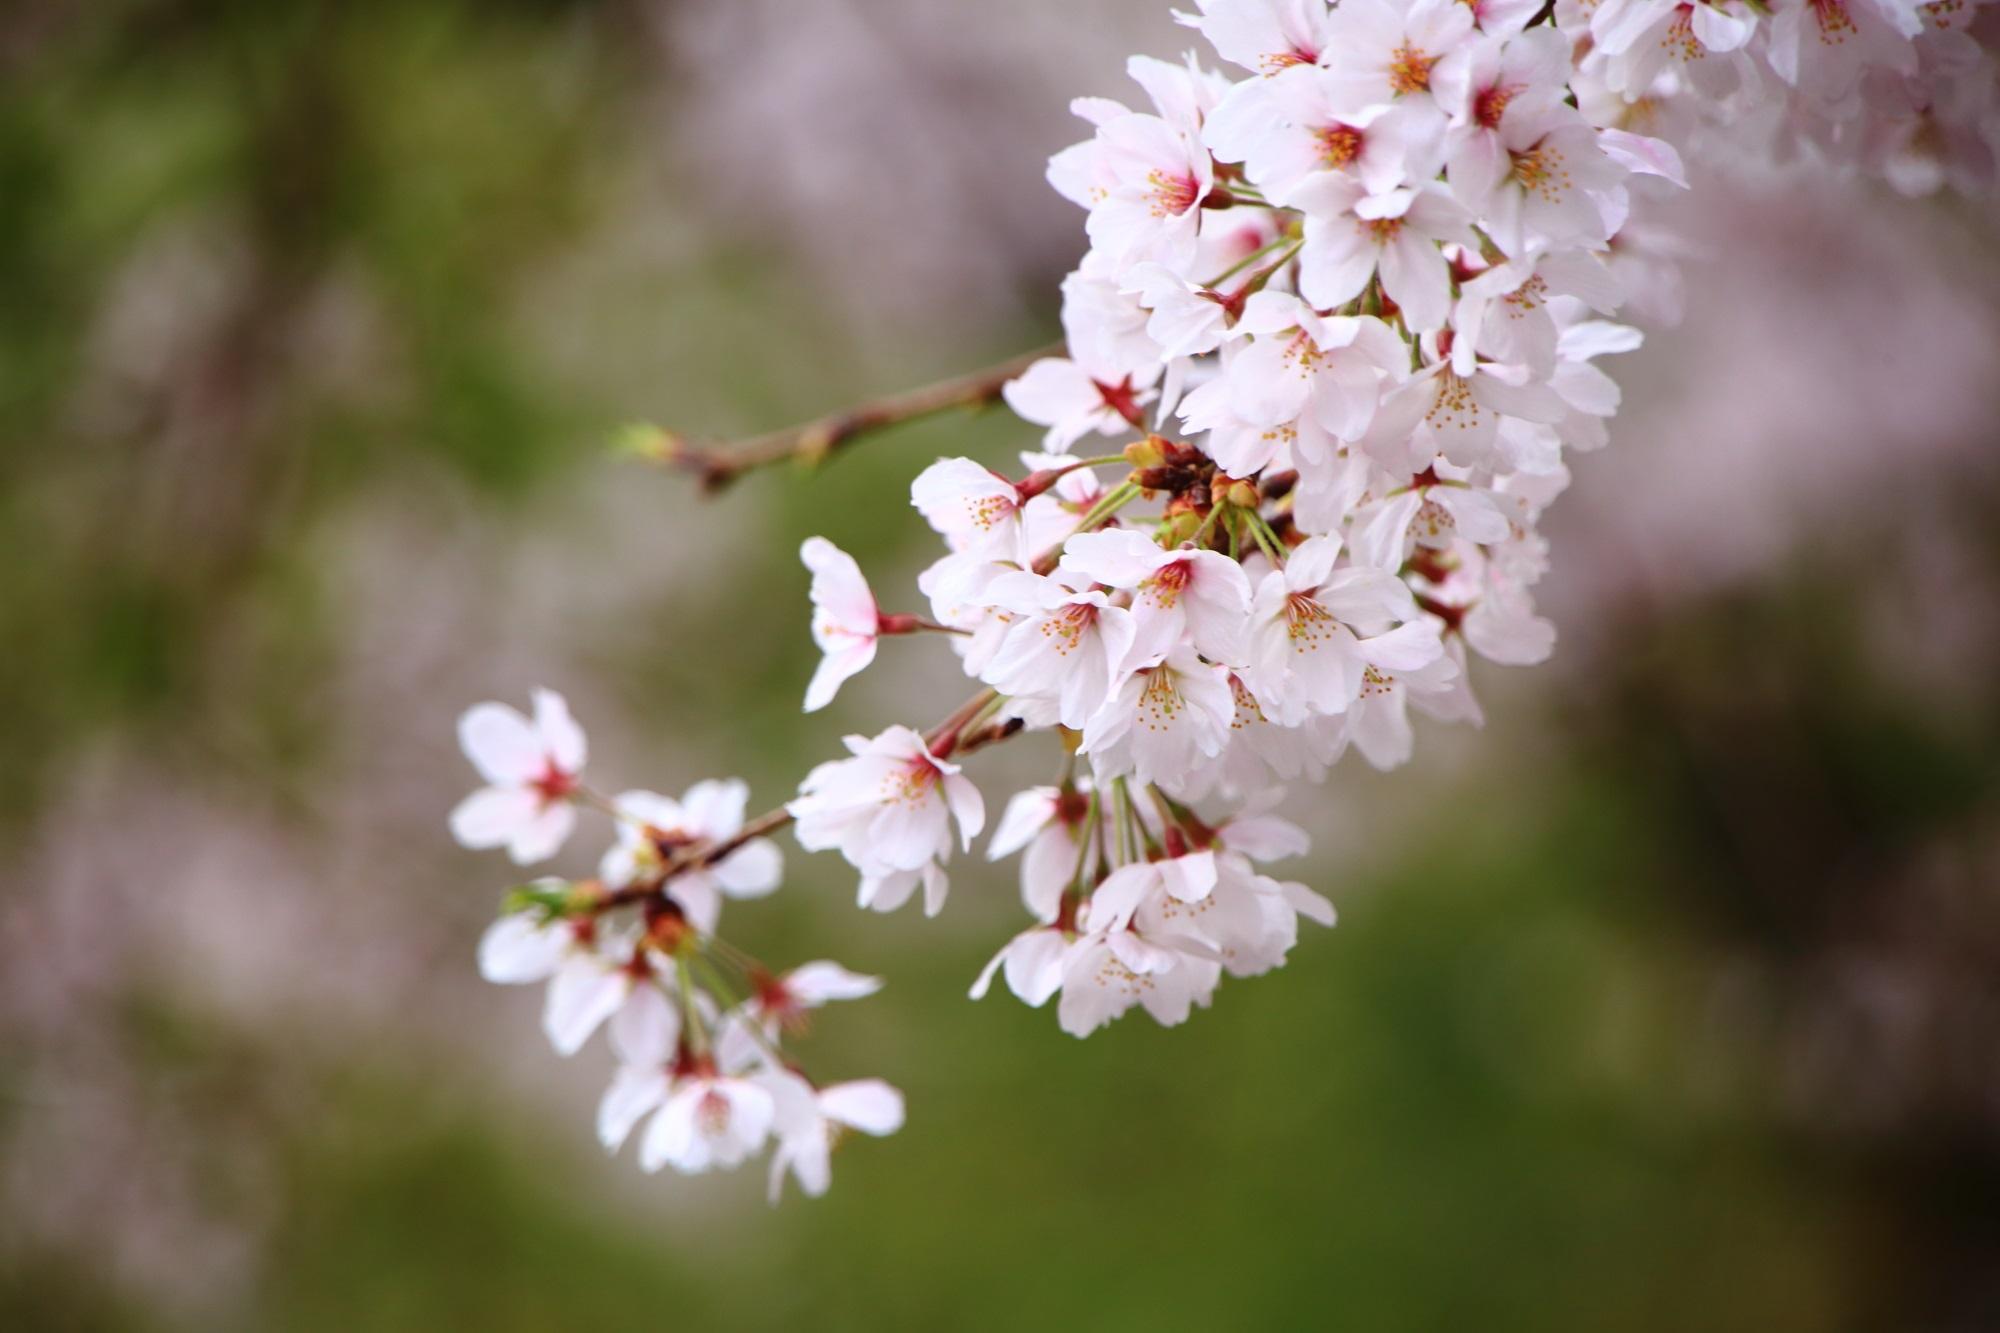 男山を華やぐ淡い色合いの桜